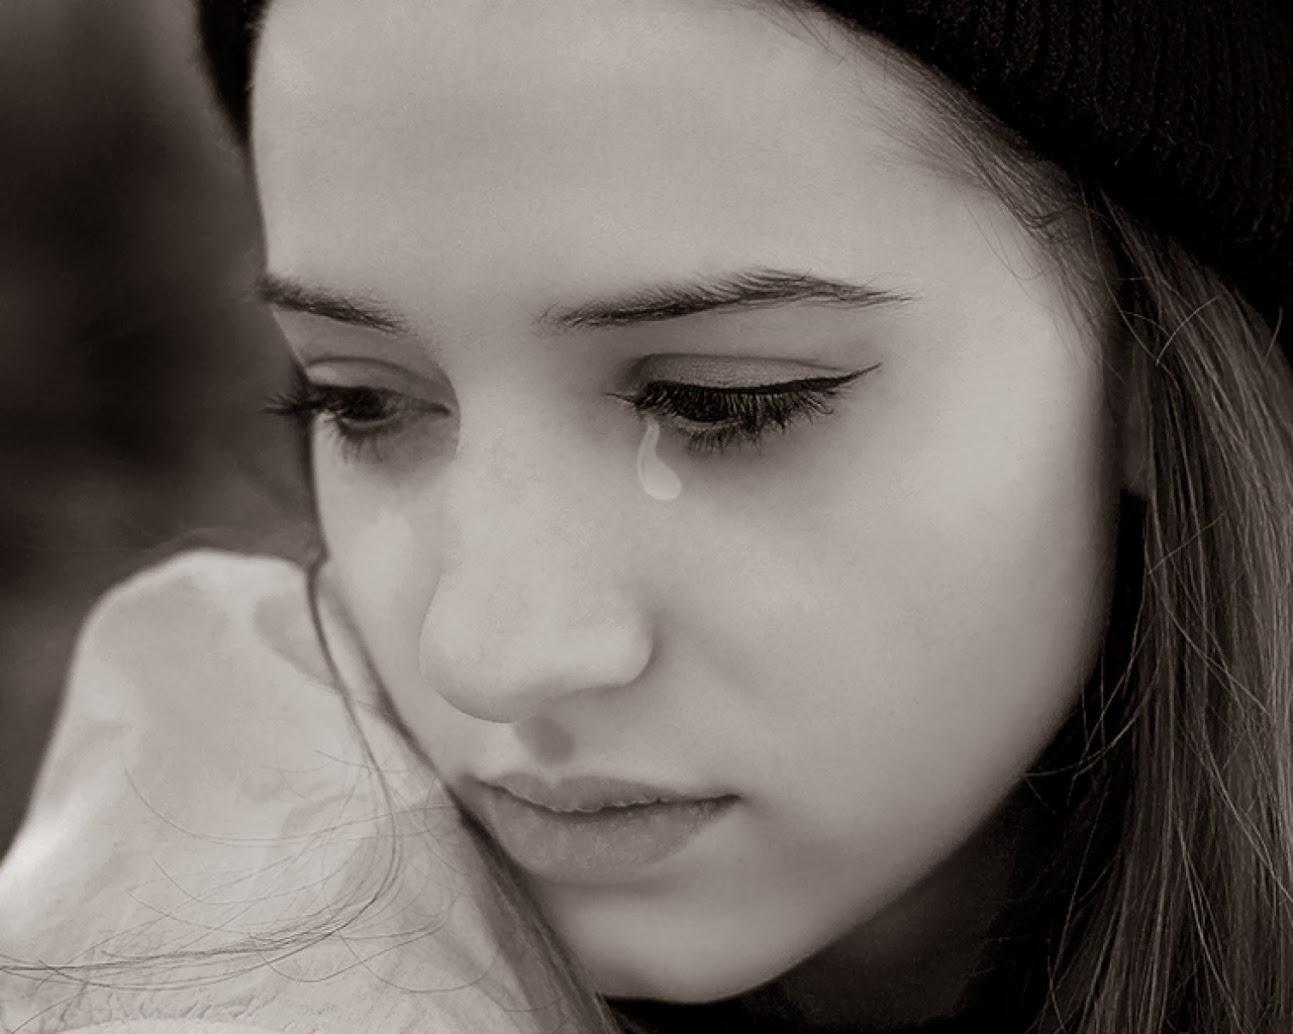 صورة احزن الصور في العالم , اجمد صوره تعبر عن ما بداخلك